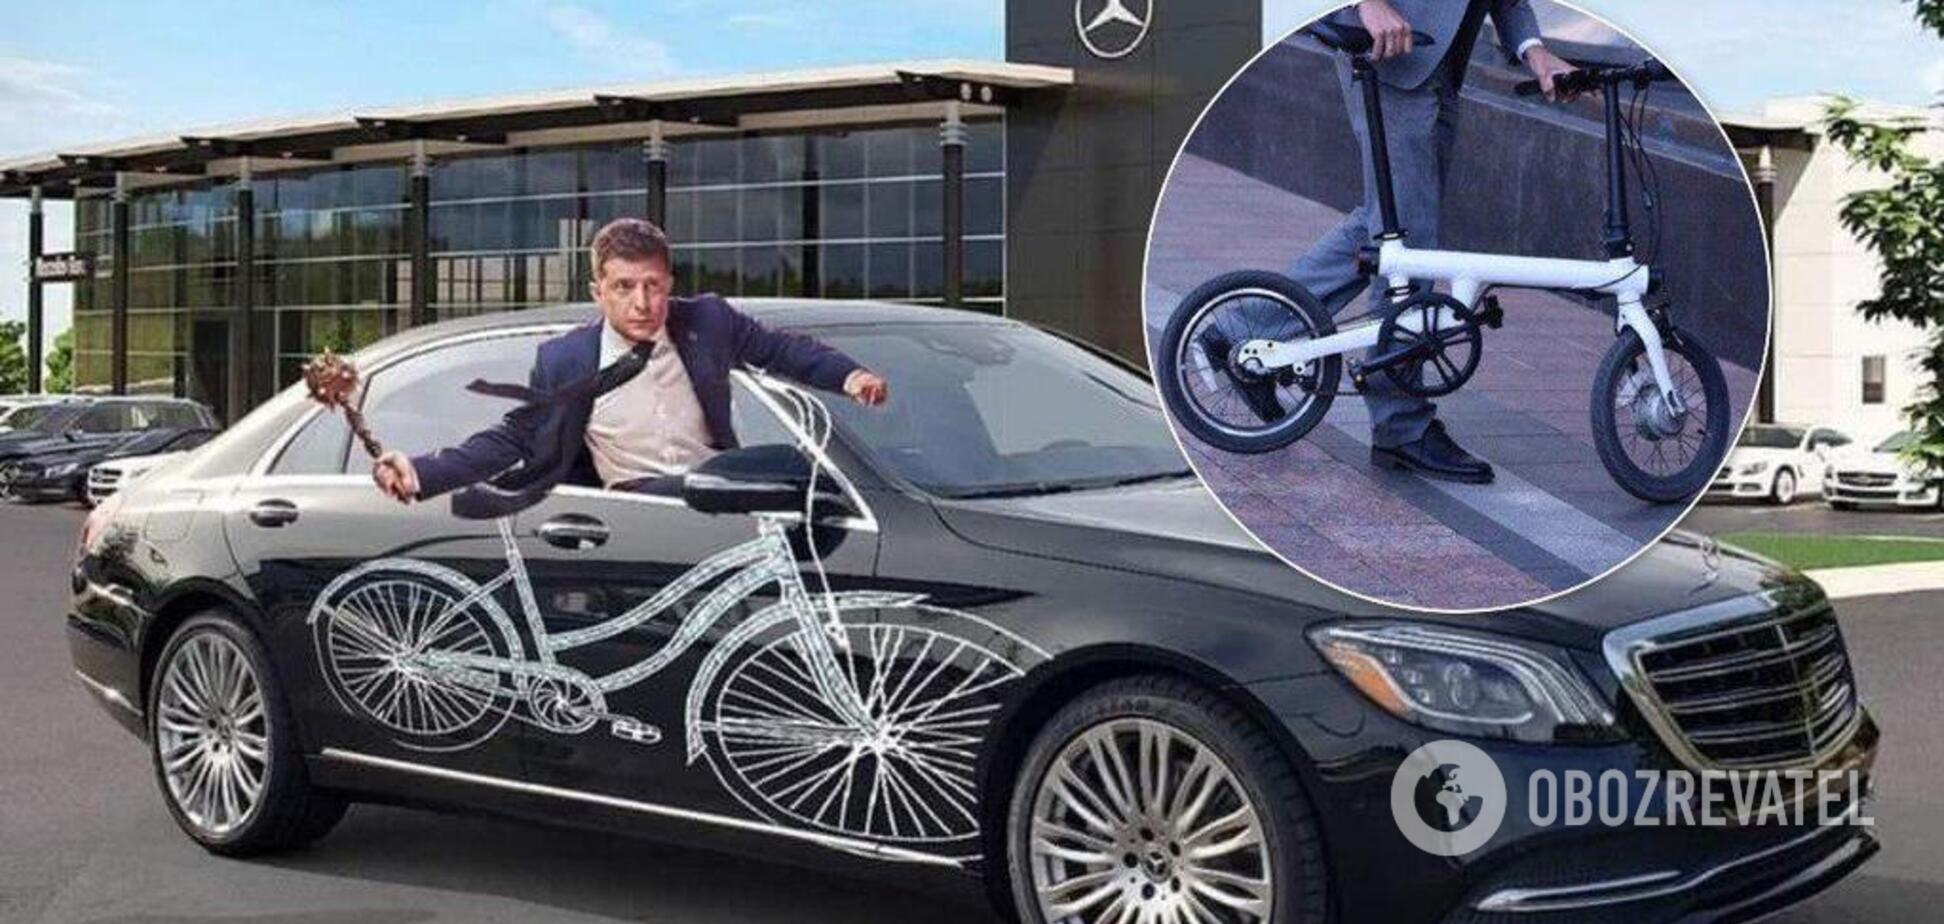 Нардеп из 'Слуги народа' приехал в Раду на 'умном велосипеде': фотофакт